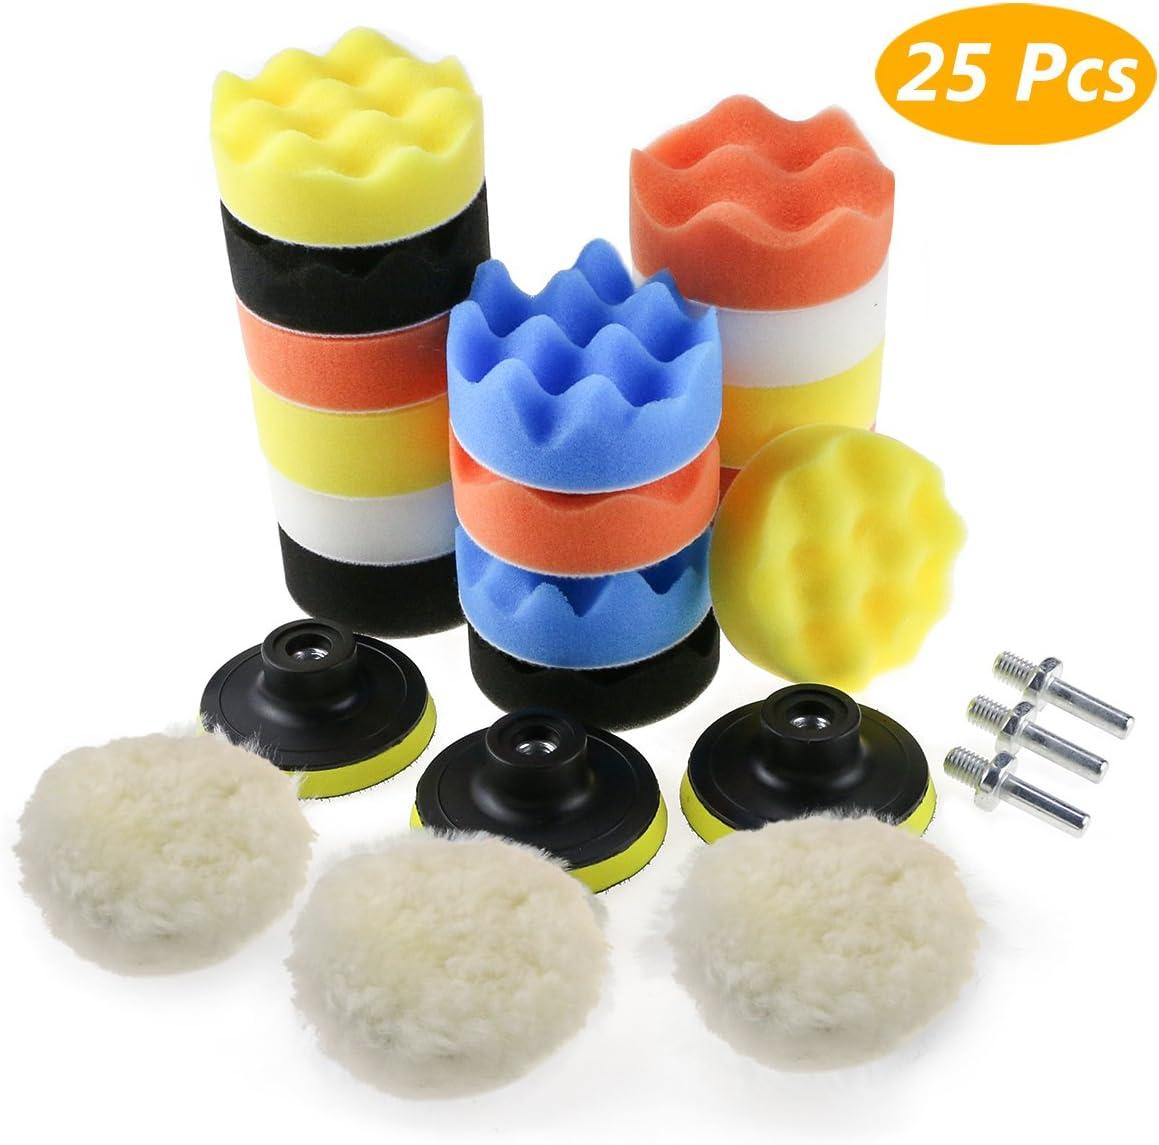 Zaeel Esponja pulido para coche, Kit de esponja pulir coche con adaptador de taladro y almohadillas de cera de lana, juego de almohadillas de pulido de 25 piezas para coche, pulidor y depilación